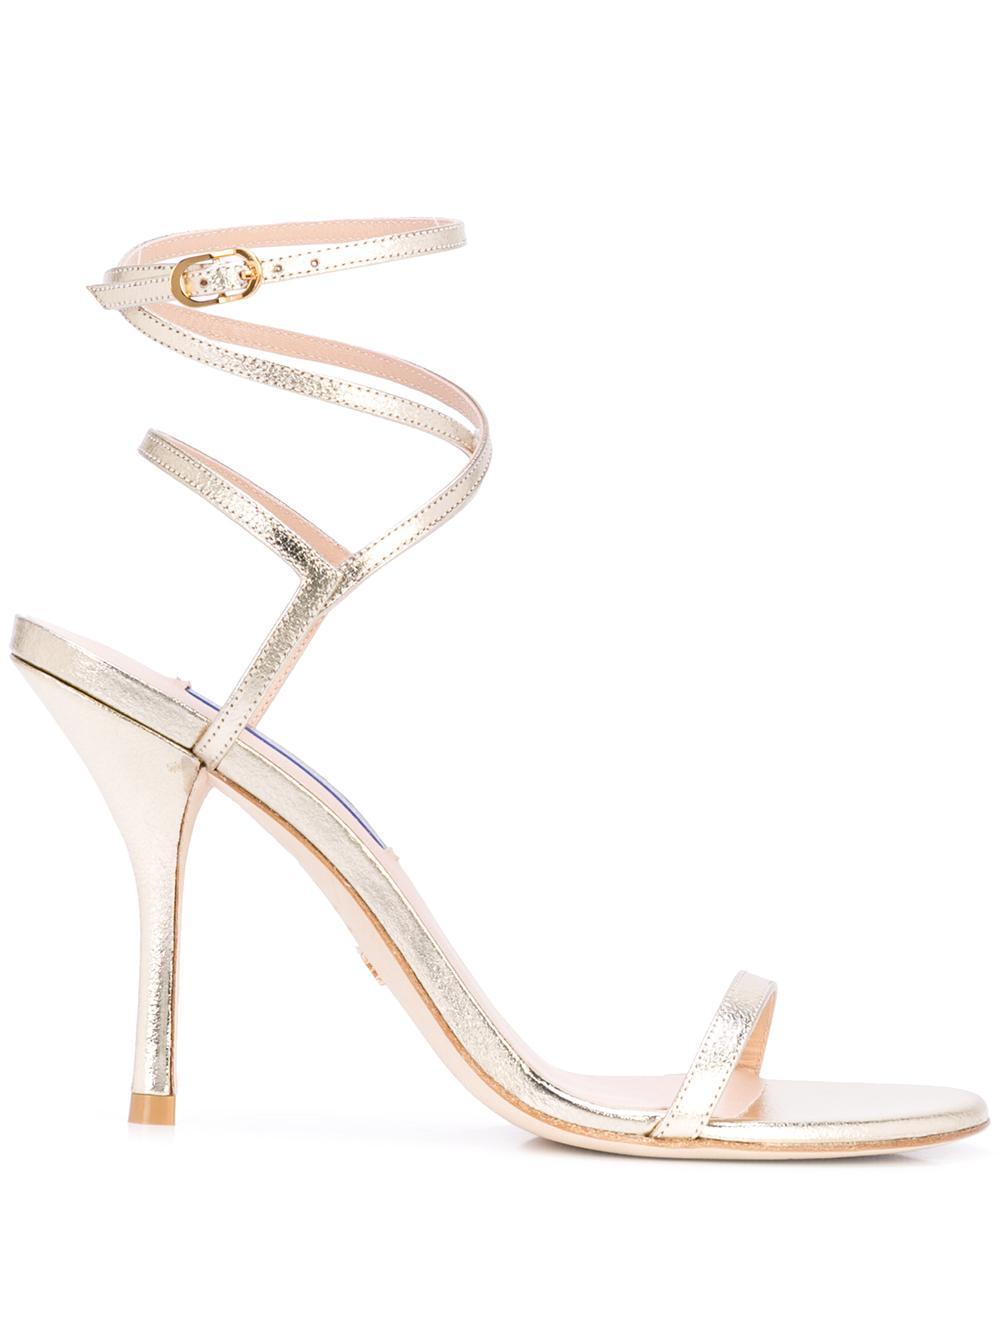 Lame 95mm Strappy Sandal Item # MERINDA